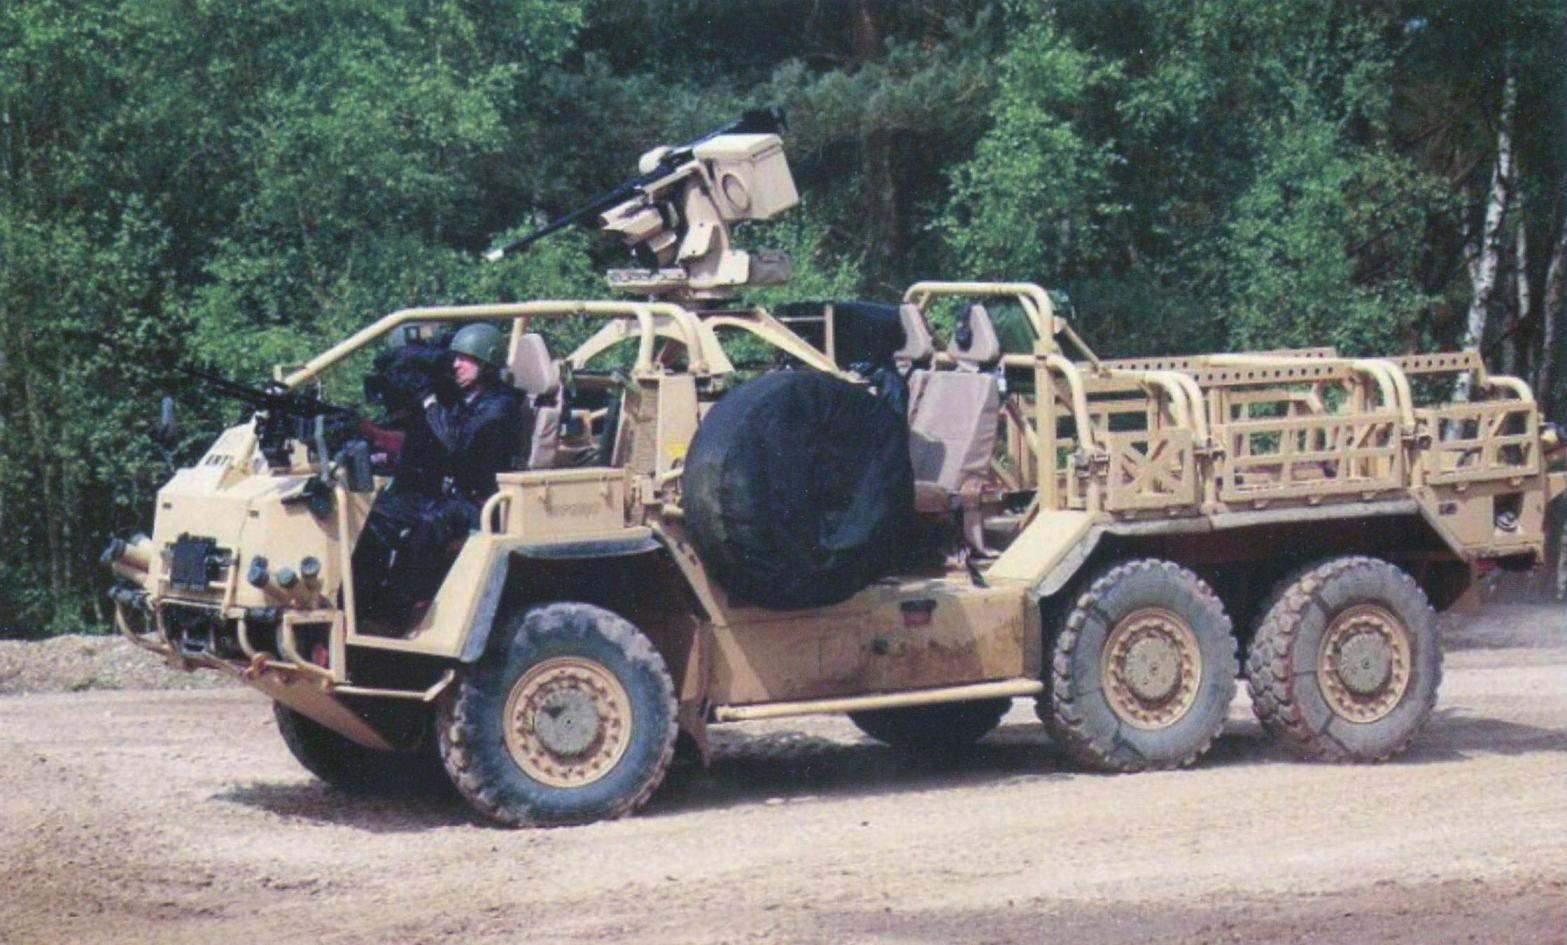 Armored vehicle Supacat Extenda 6x6 British army